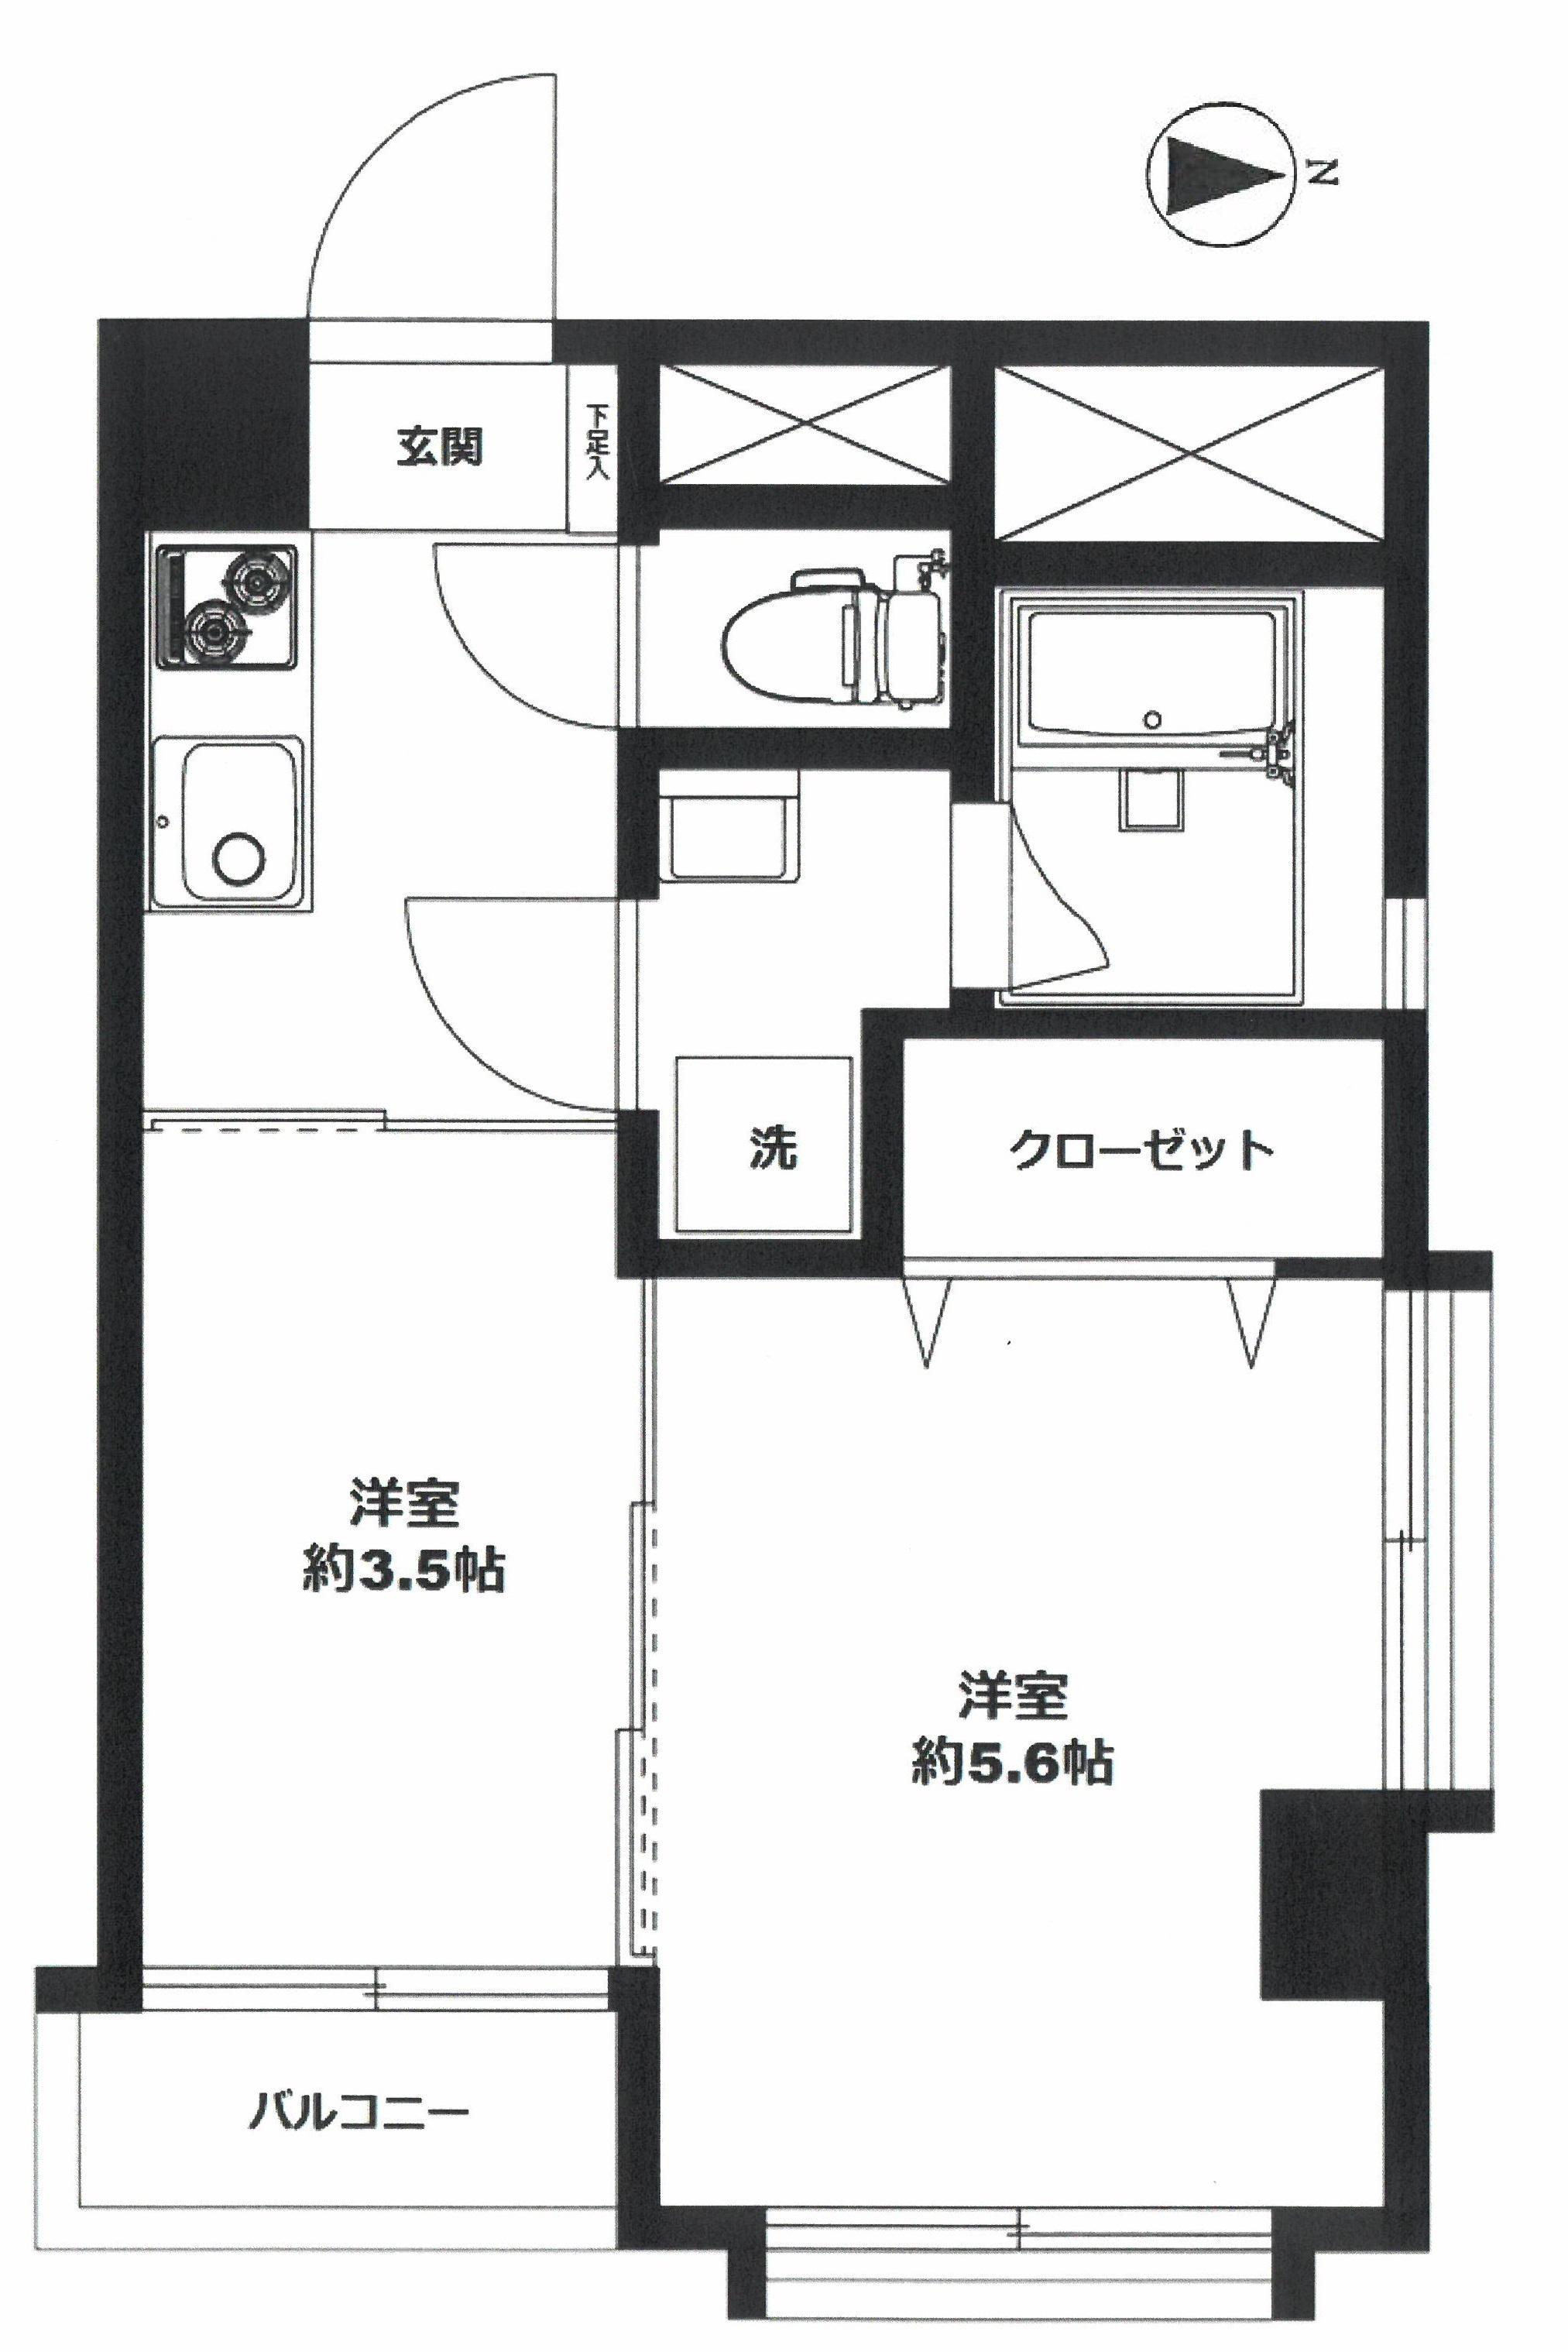 ハイライフ桜台☆新規内装リフォーム後引渡し☆